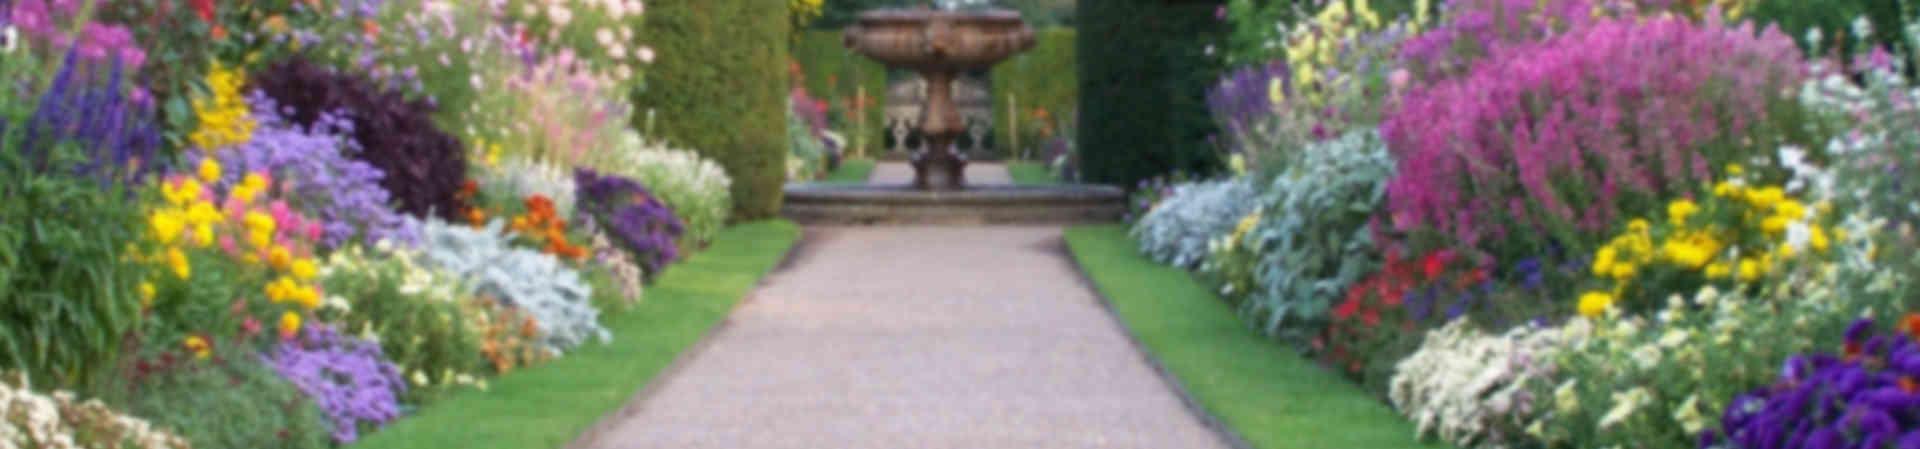 10 mejores dise adores de jardines en sevilla precios - Disenadores de sevilla ...